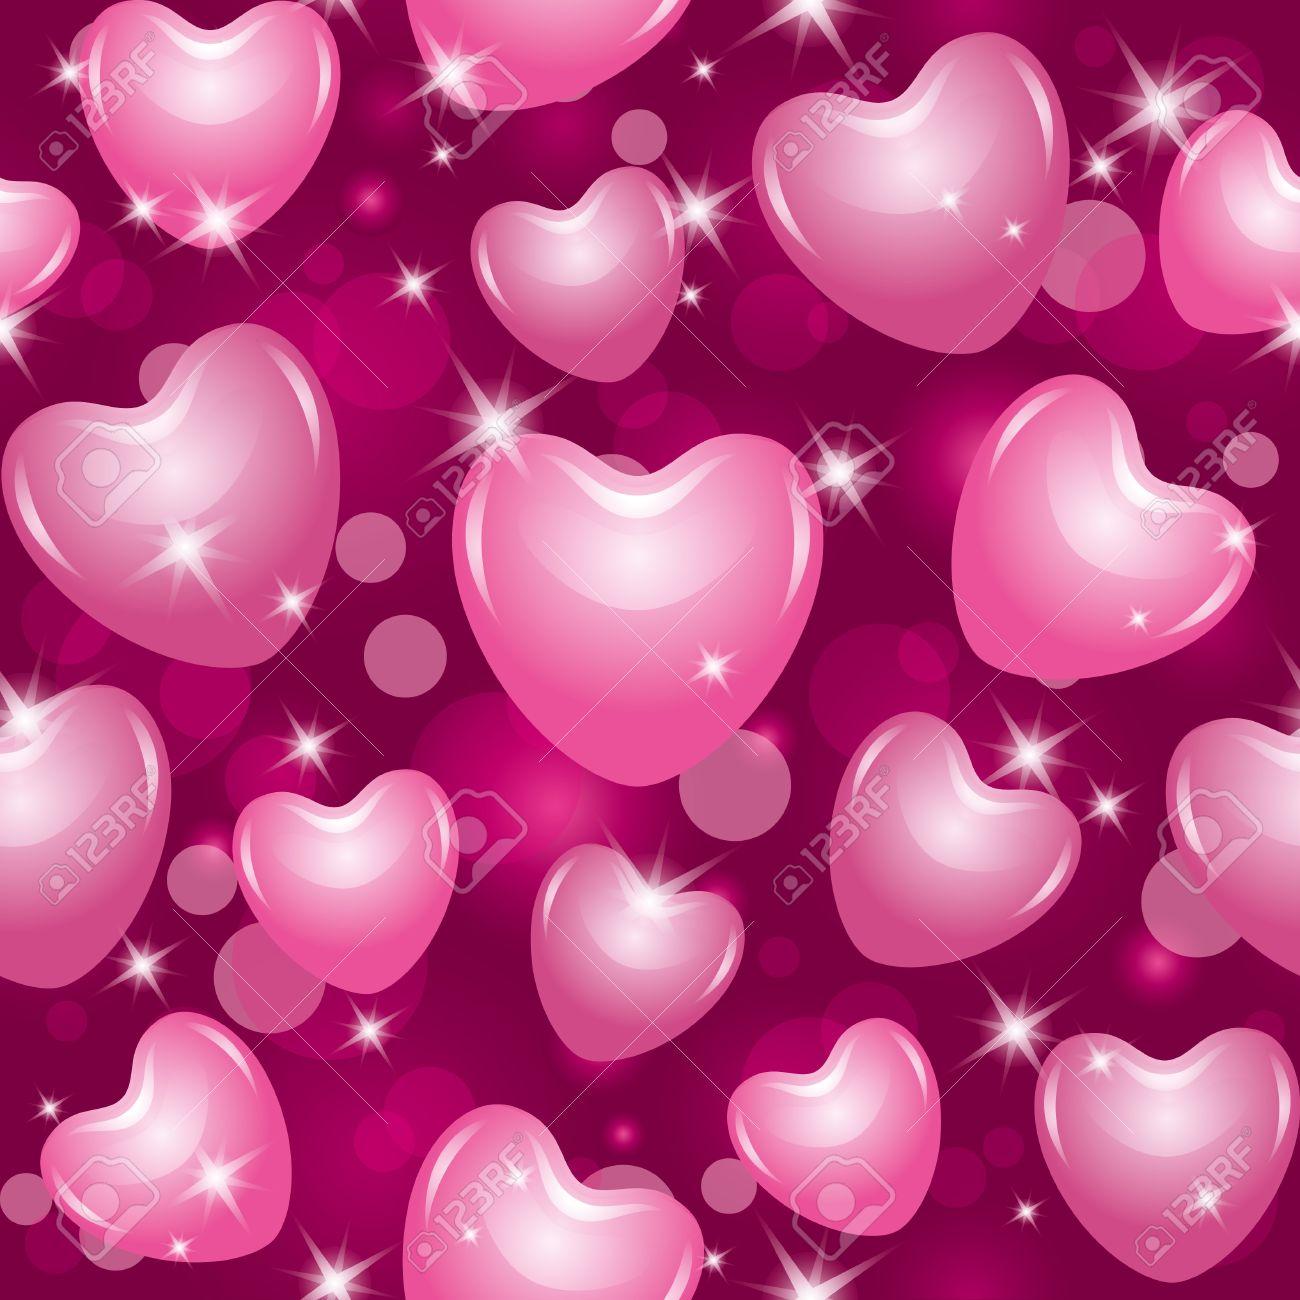 foto de archivo patrn transparente brillante con bellos corazones rosas